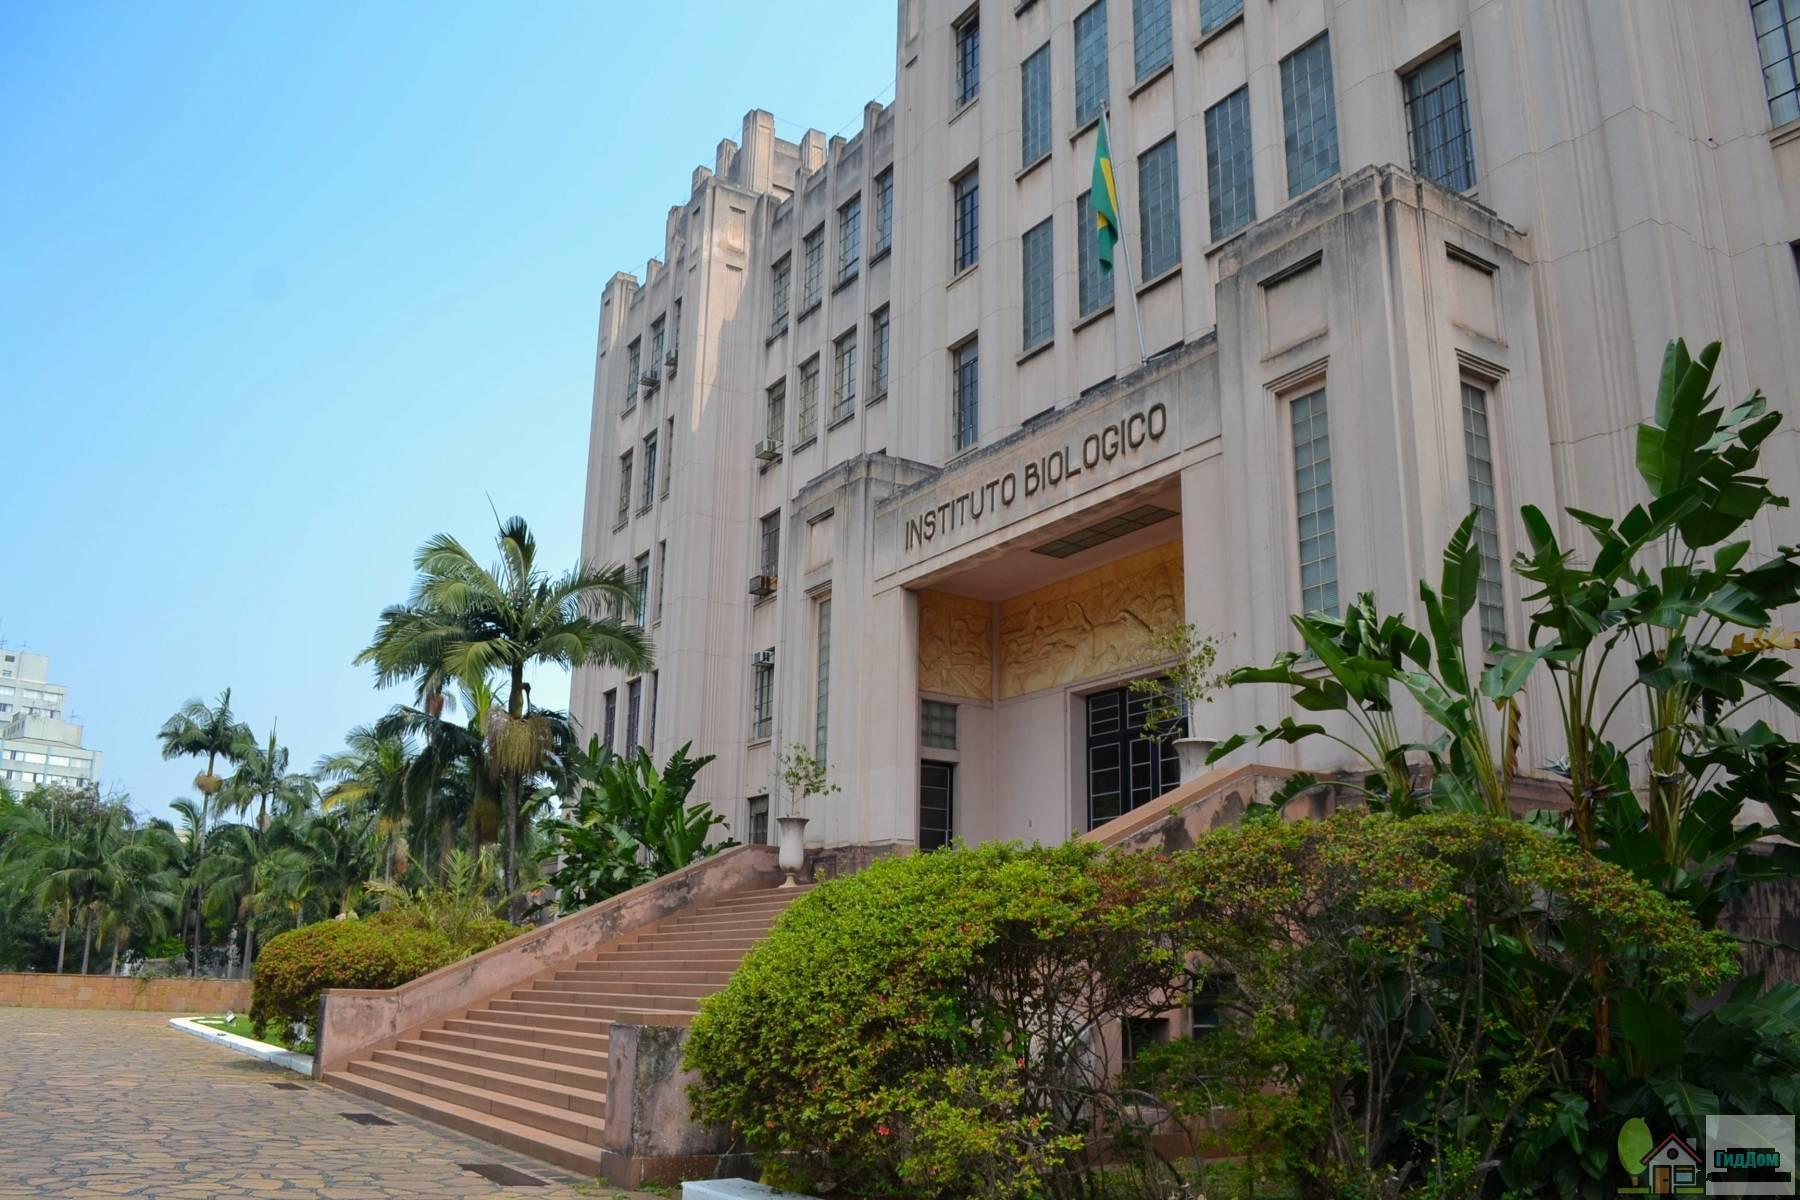 Биологический институт в Сан-Паулу